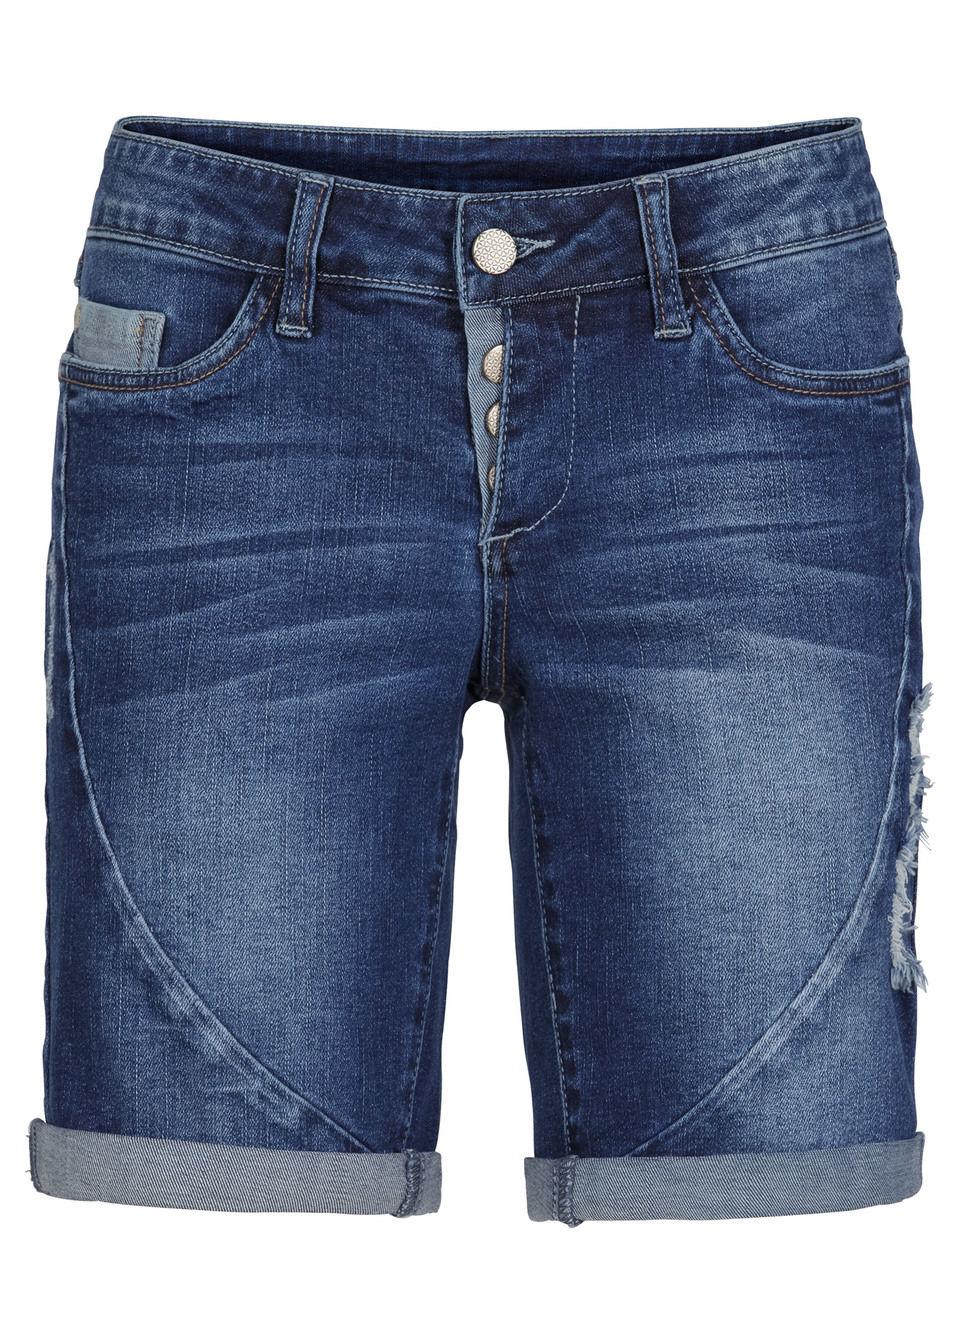 Купить Джинсы, Джинсовые шорты, bonprix, синий «потертый»